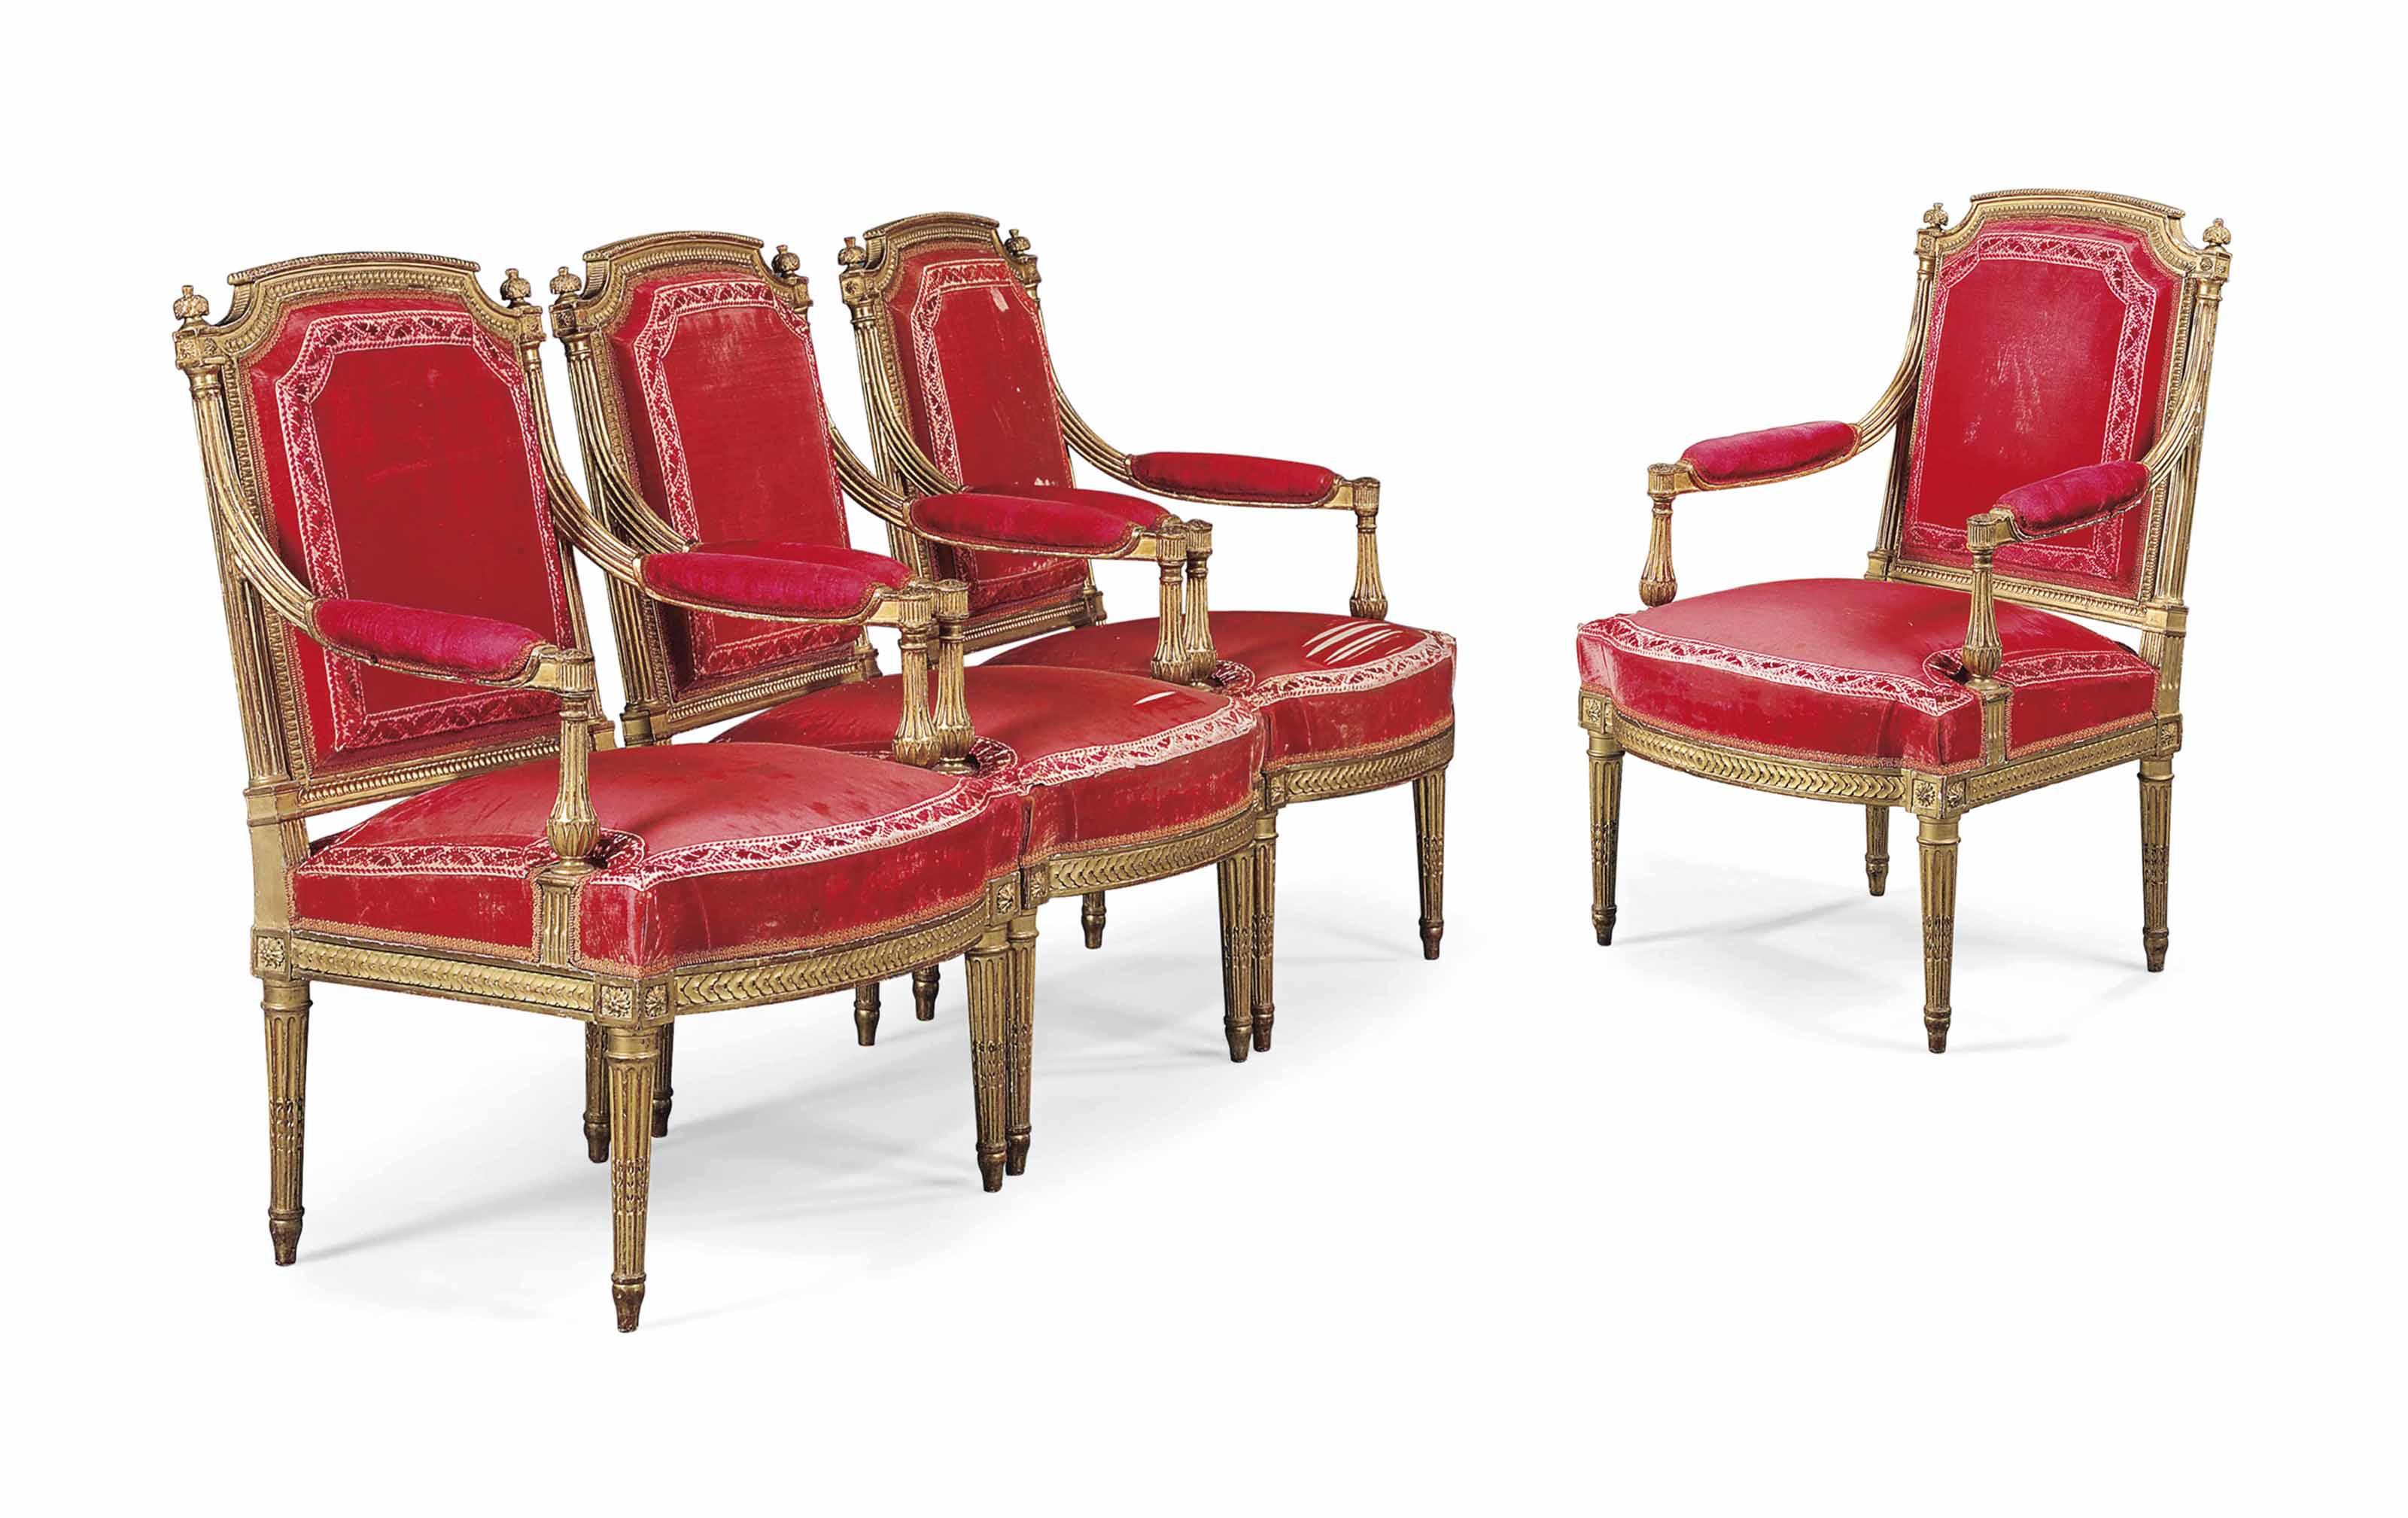 A SET OF FOUR LOUIS XVI GILTWOOD FAUTEUILS A LA REINE